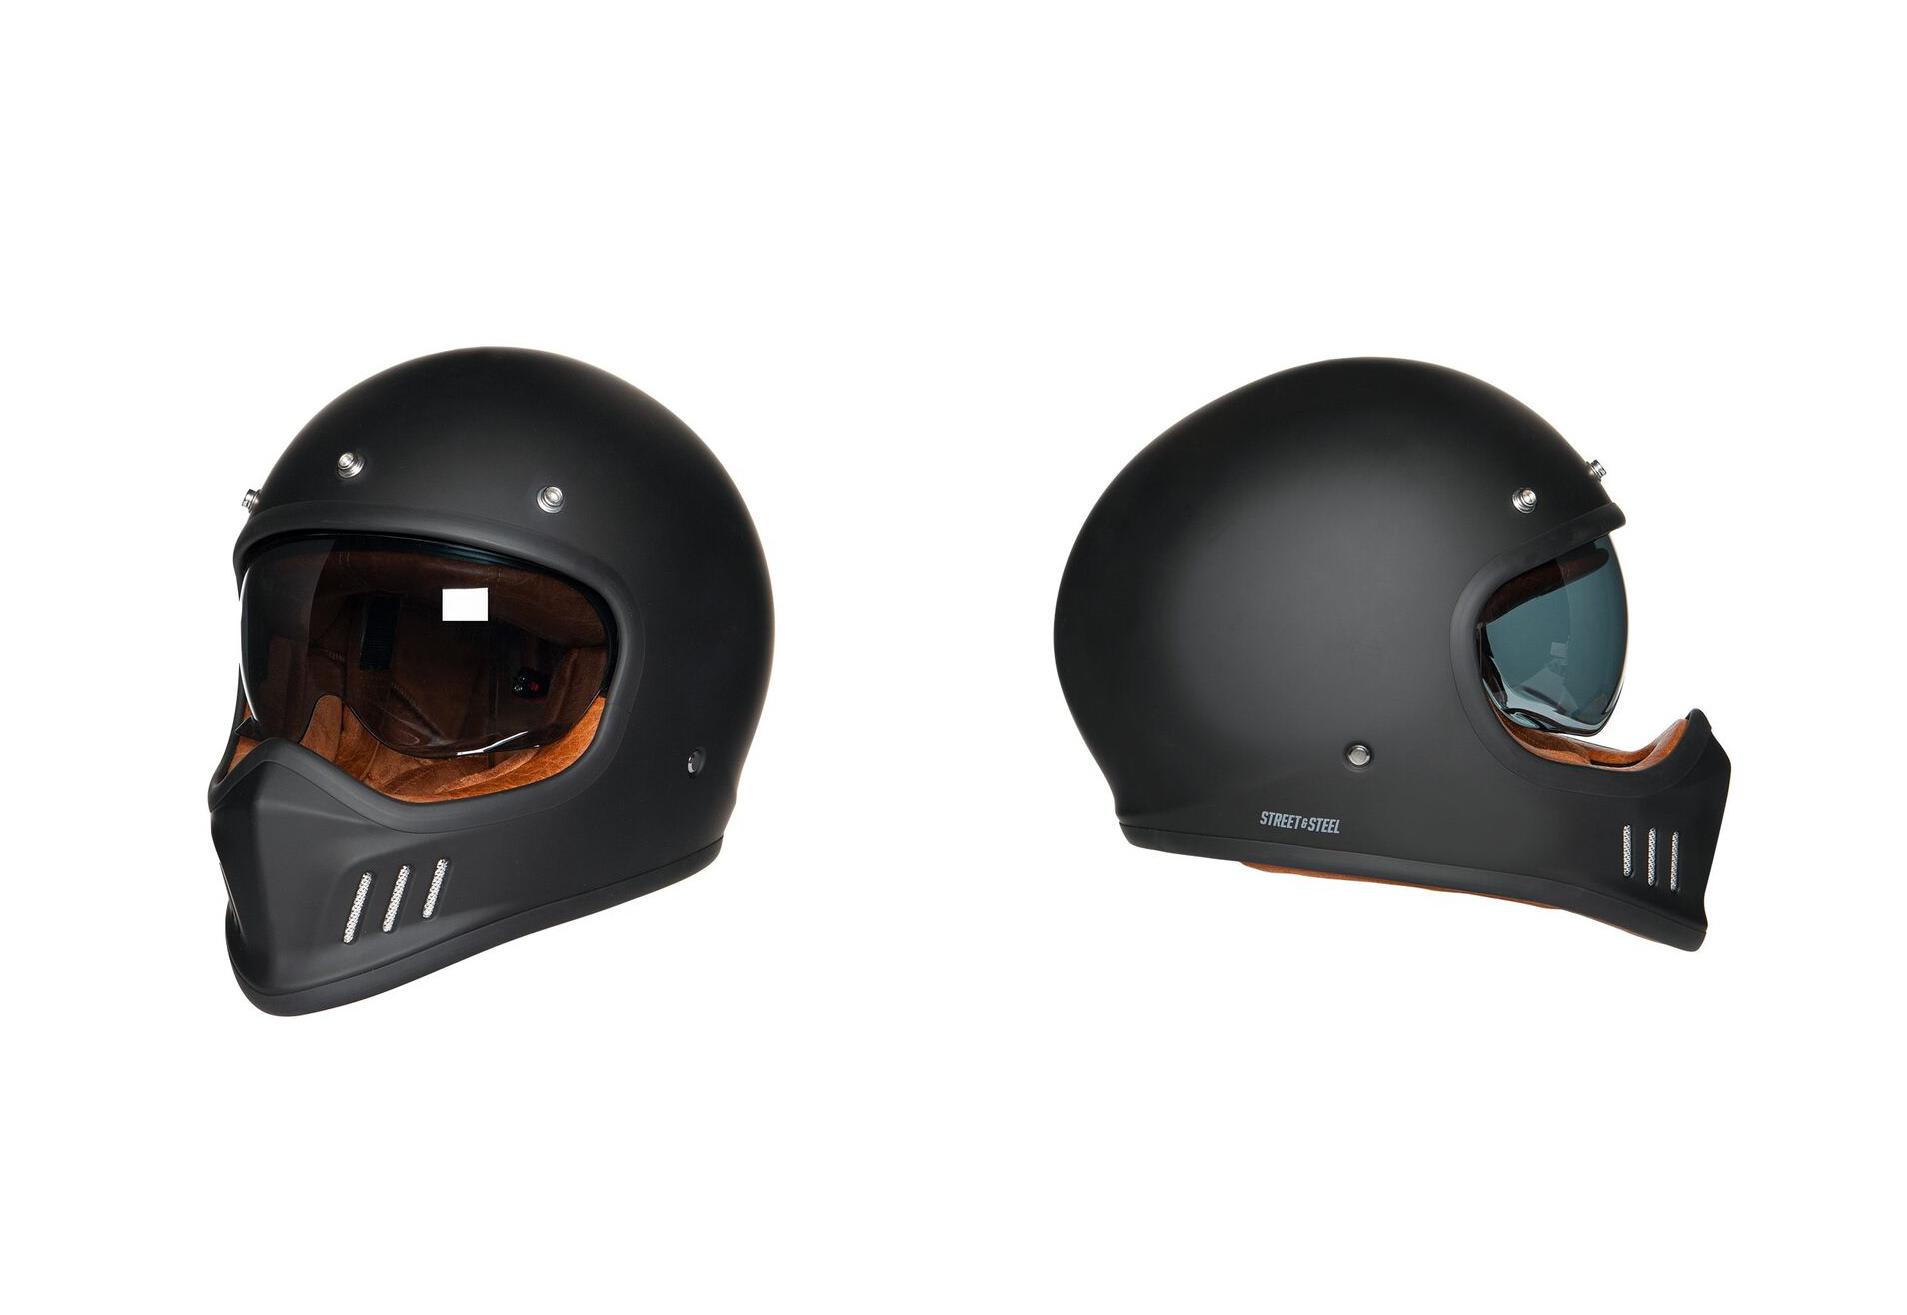 Street & Steel Raider Helmets